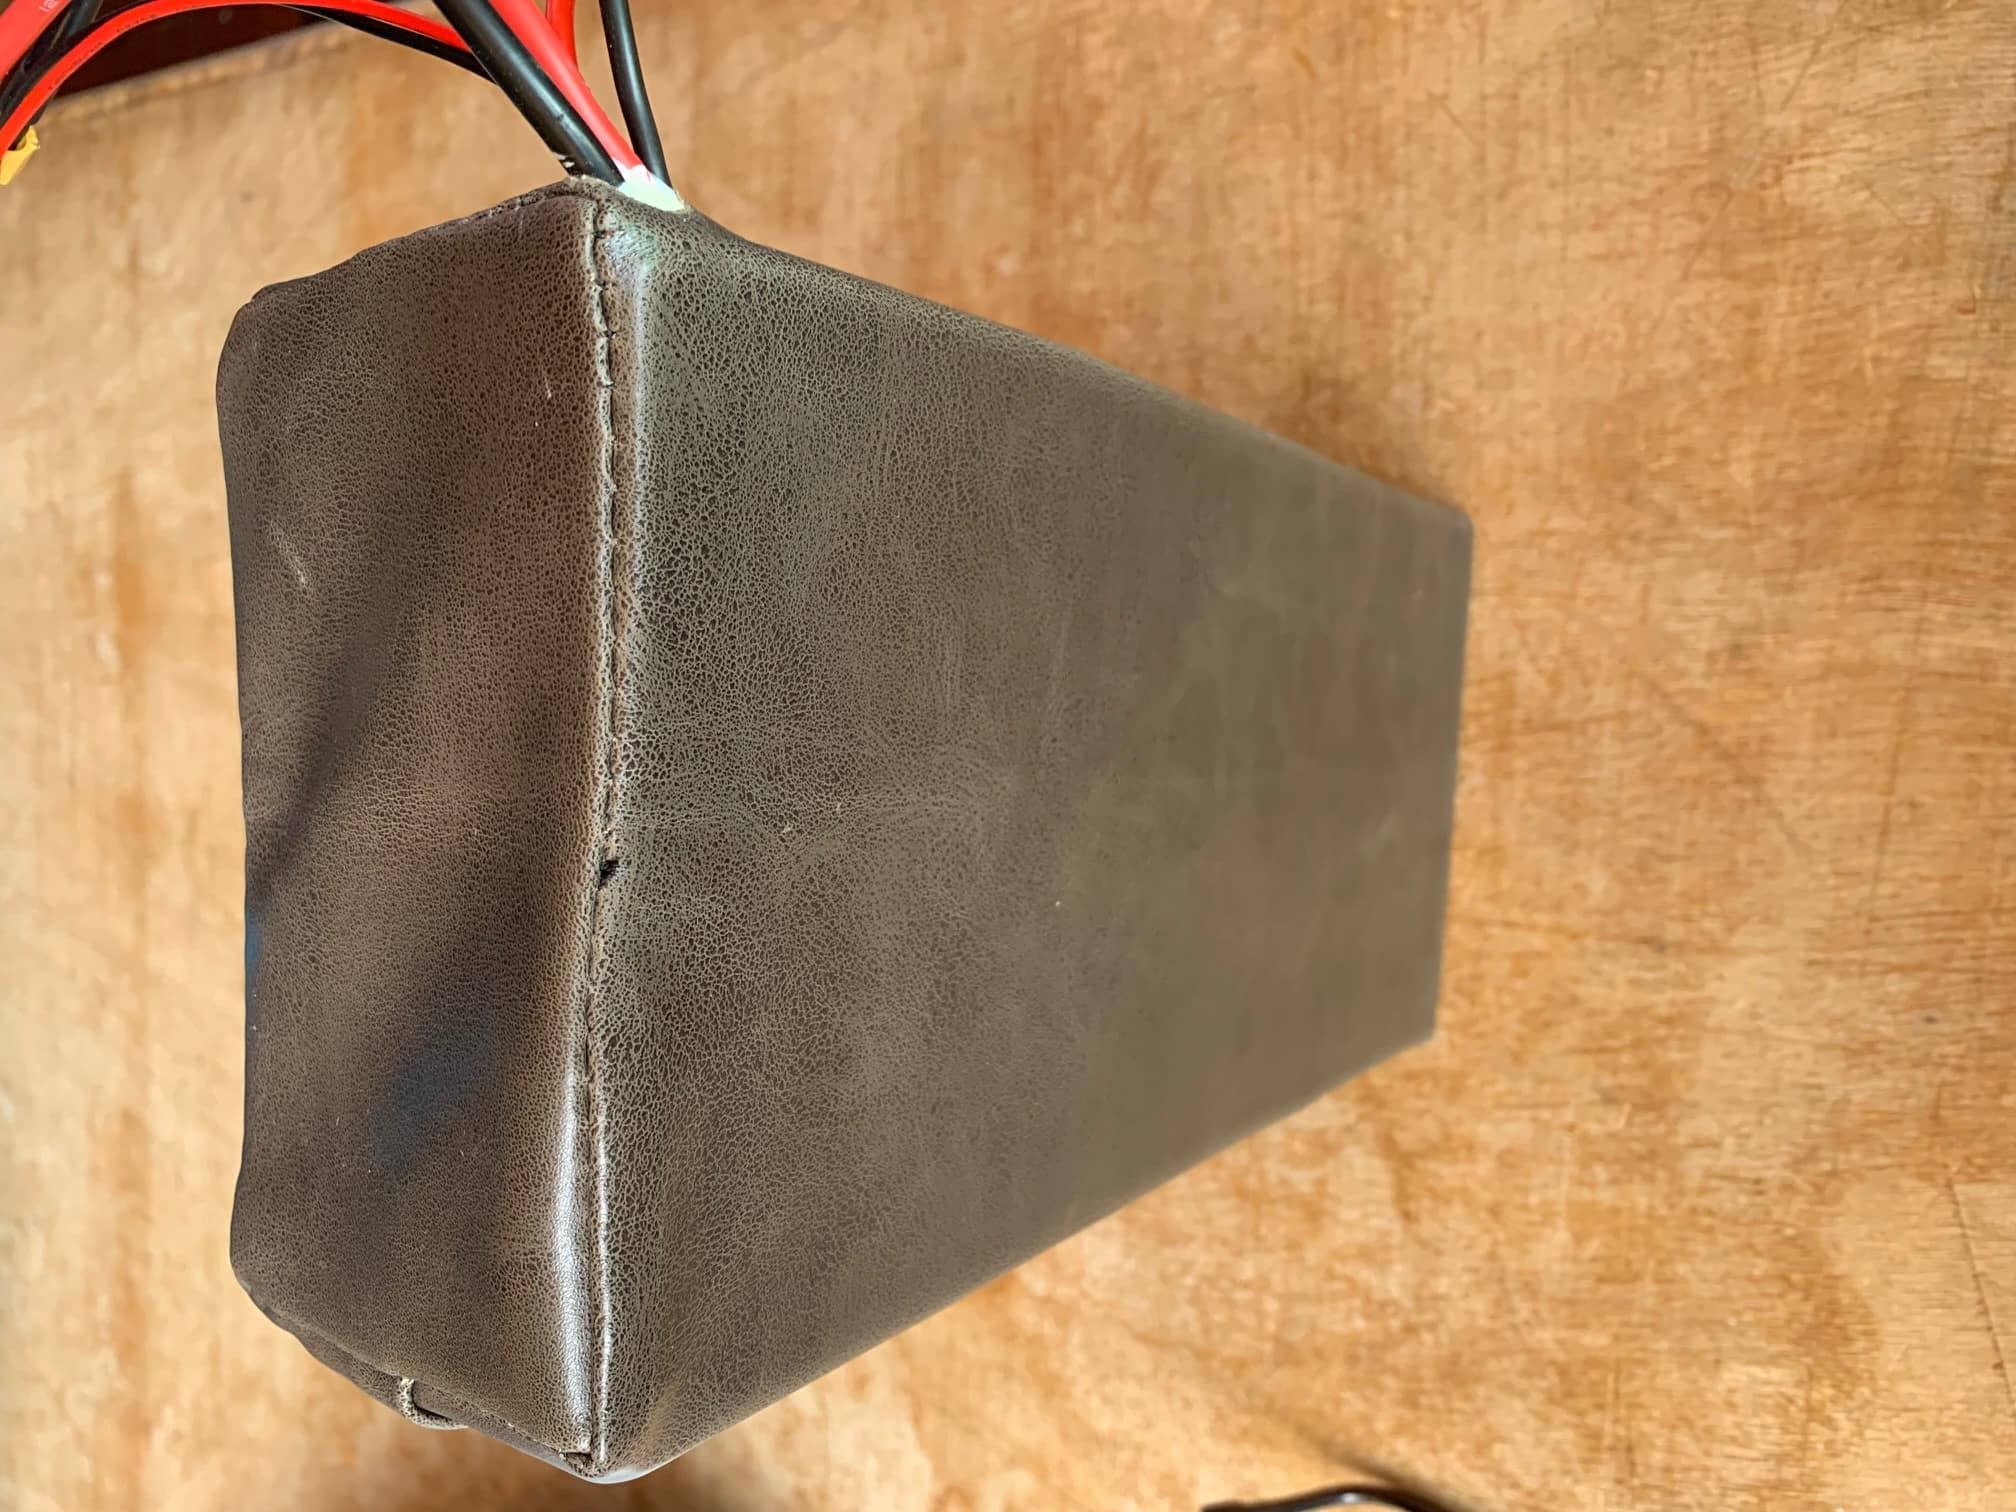 Batterie für den Cruzer und Torino